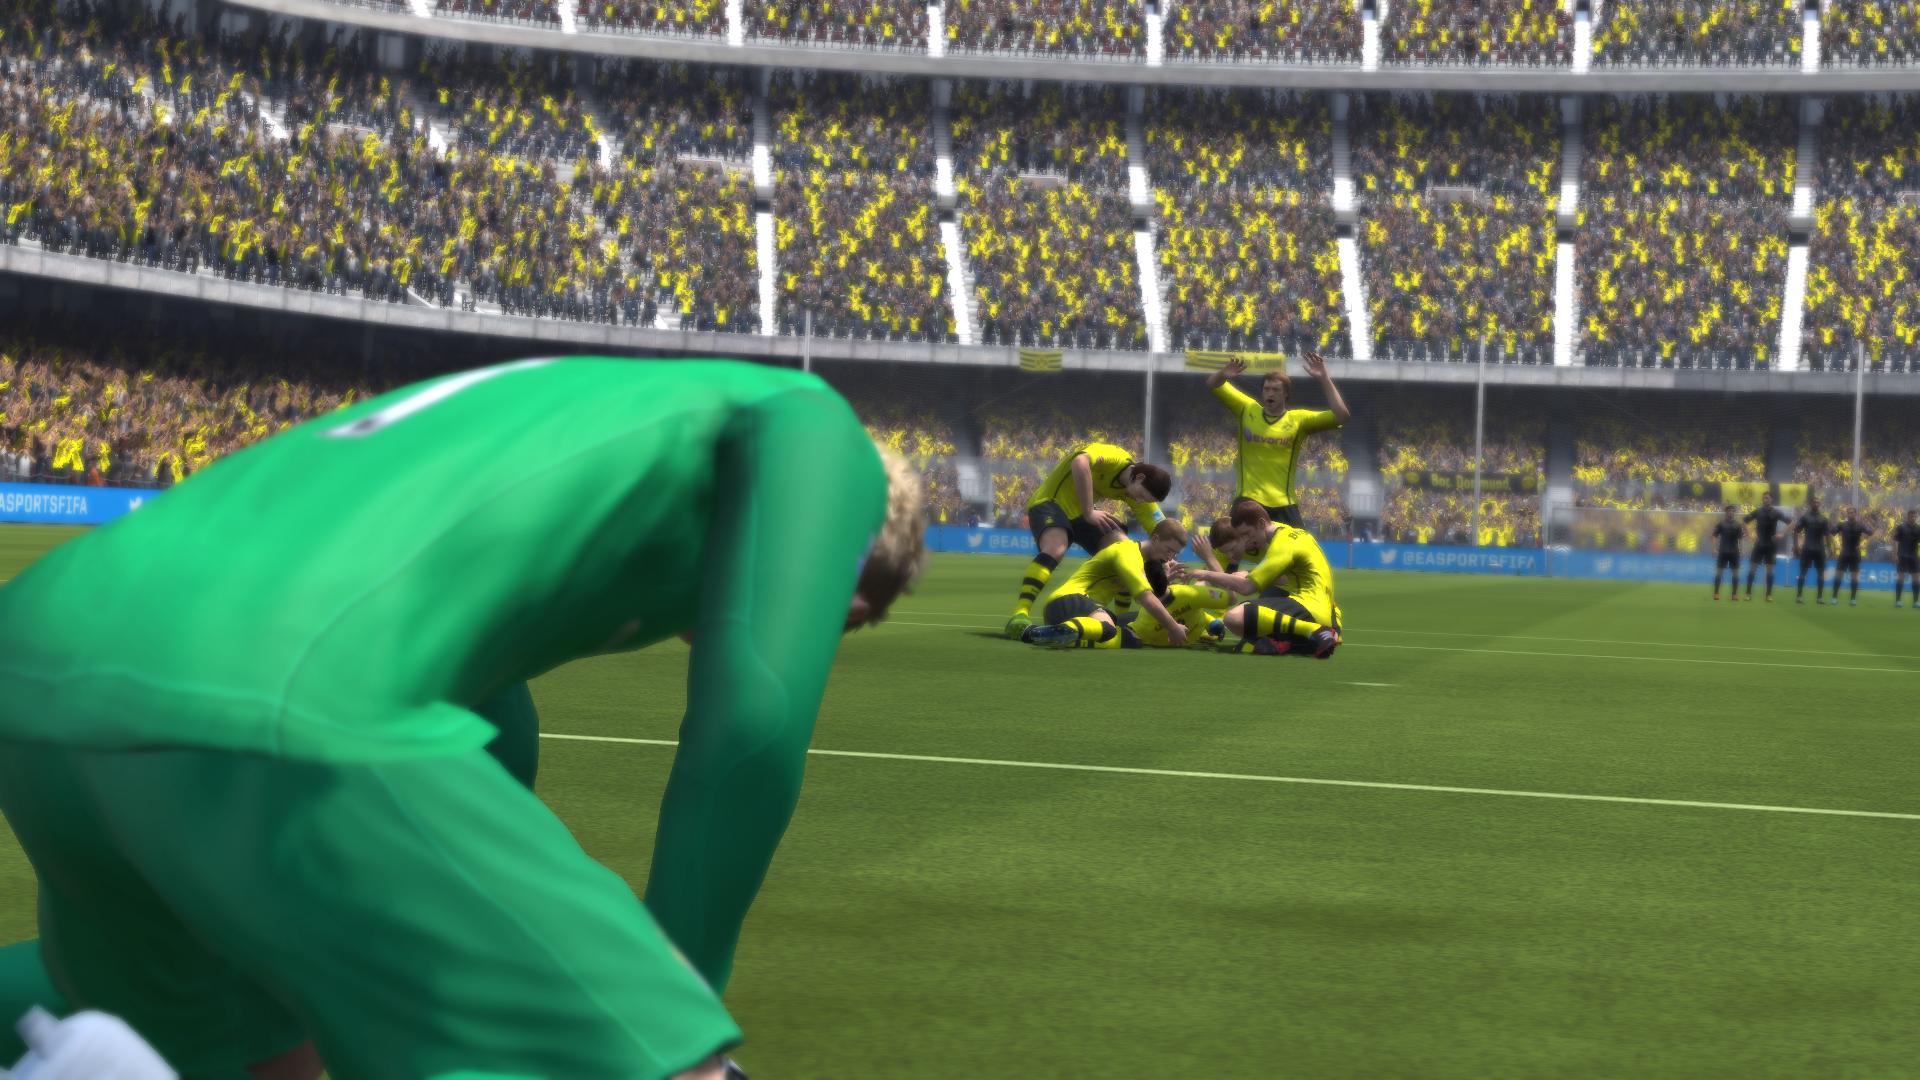 Radość zawodników w FIFA 14 po wygranym meczu